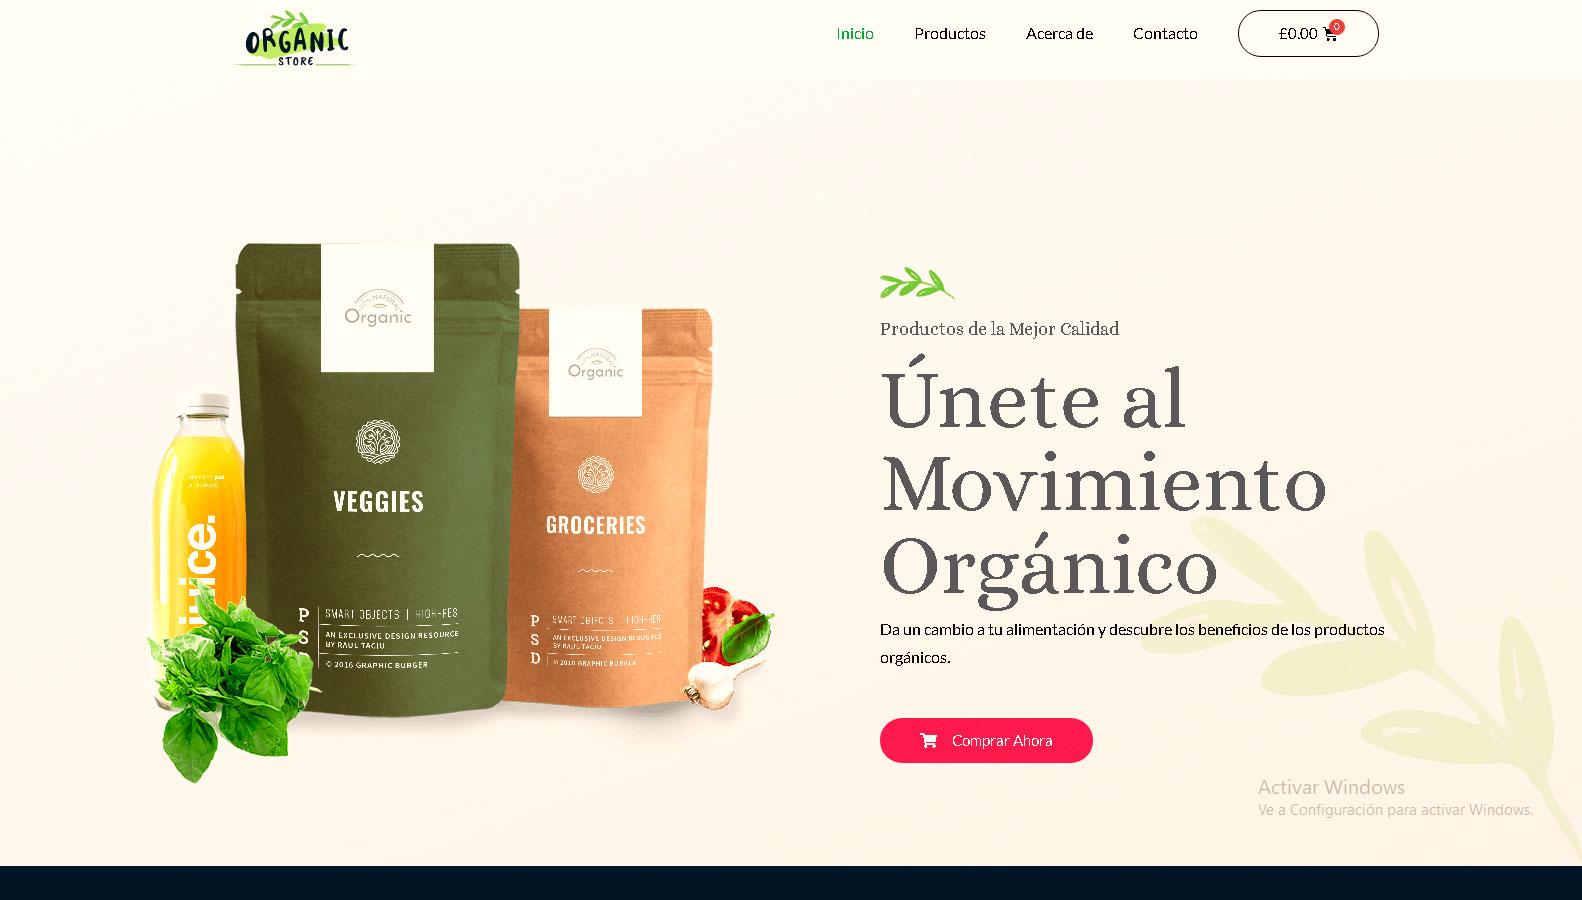 diseños-de-pagina-web-para-tiendas-organizas